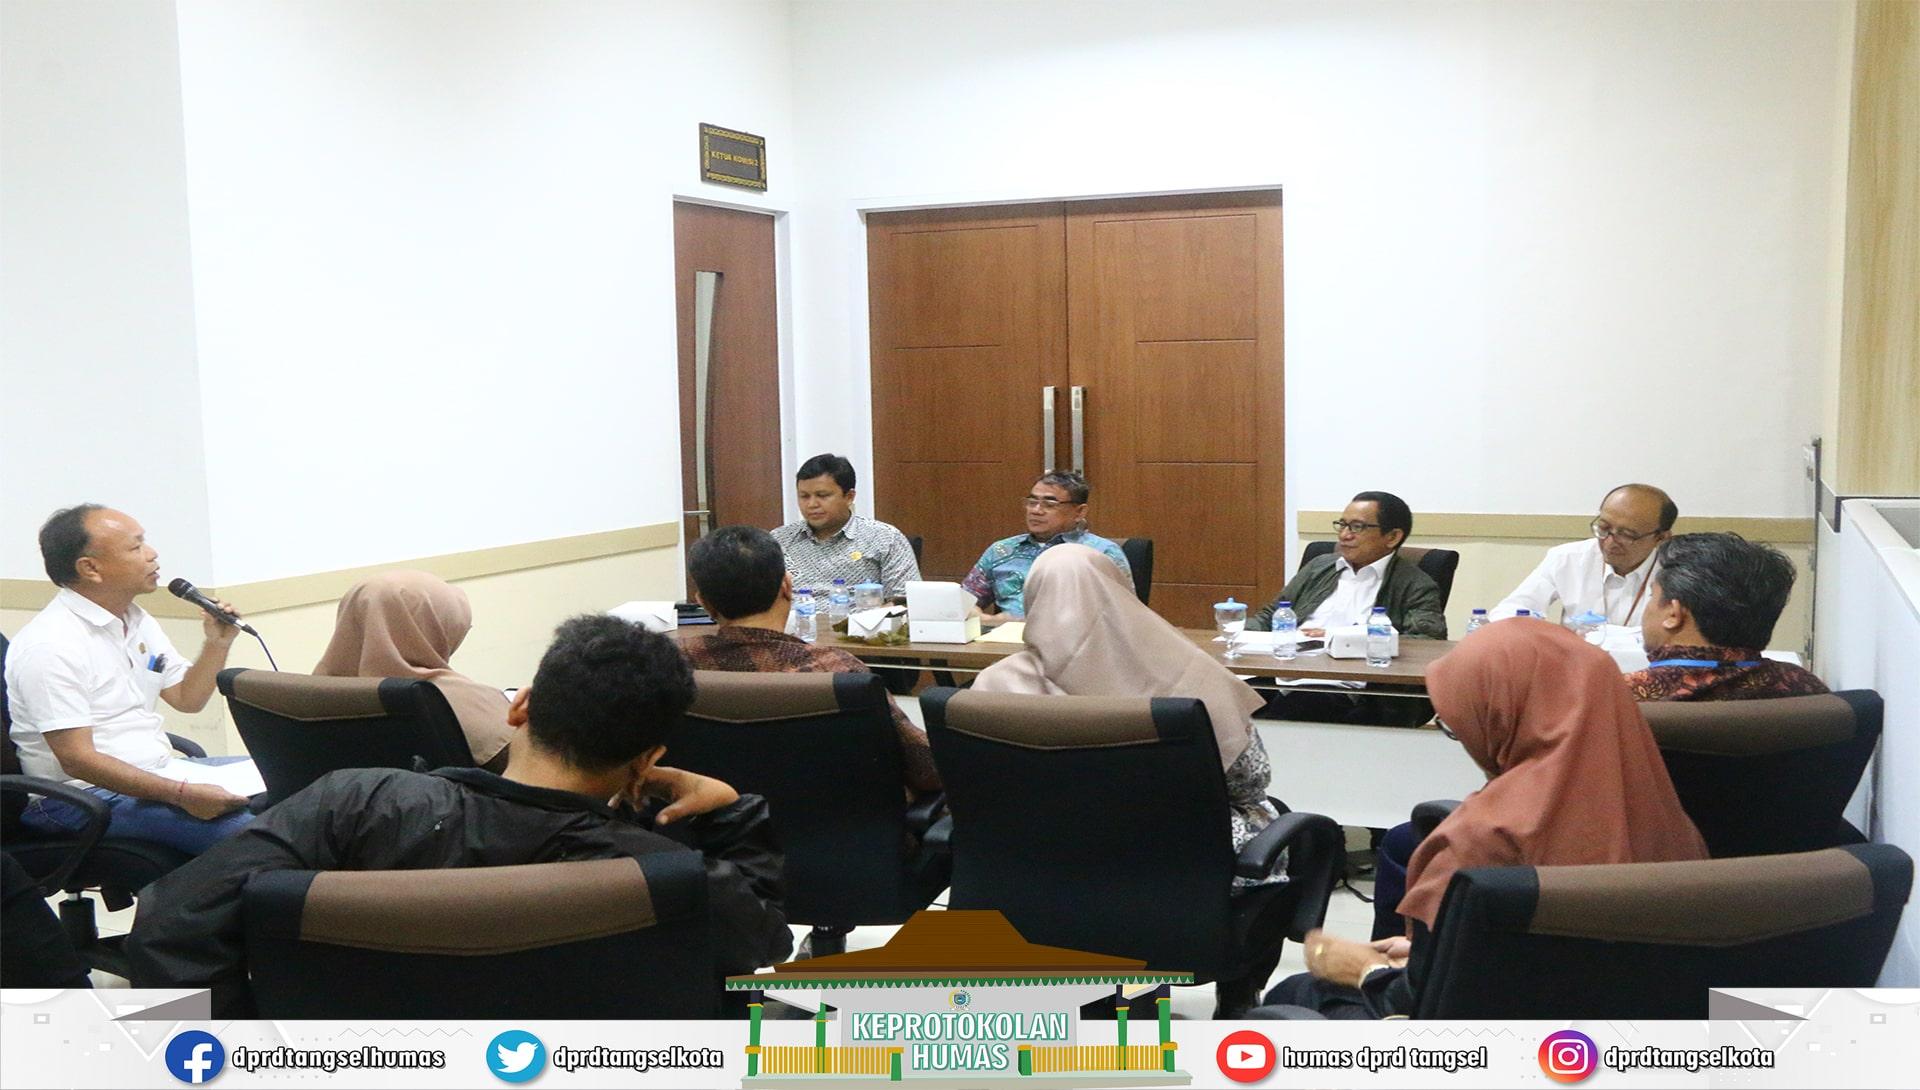 Komisi II DPRD Tangsel Sharing Informasi Penemuan Radioaktif Nuklir